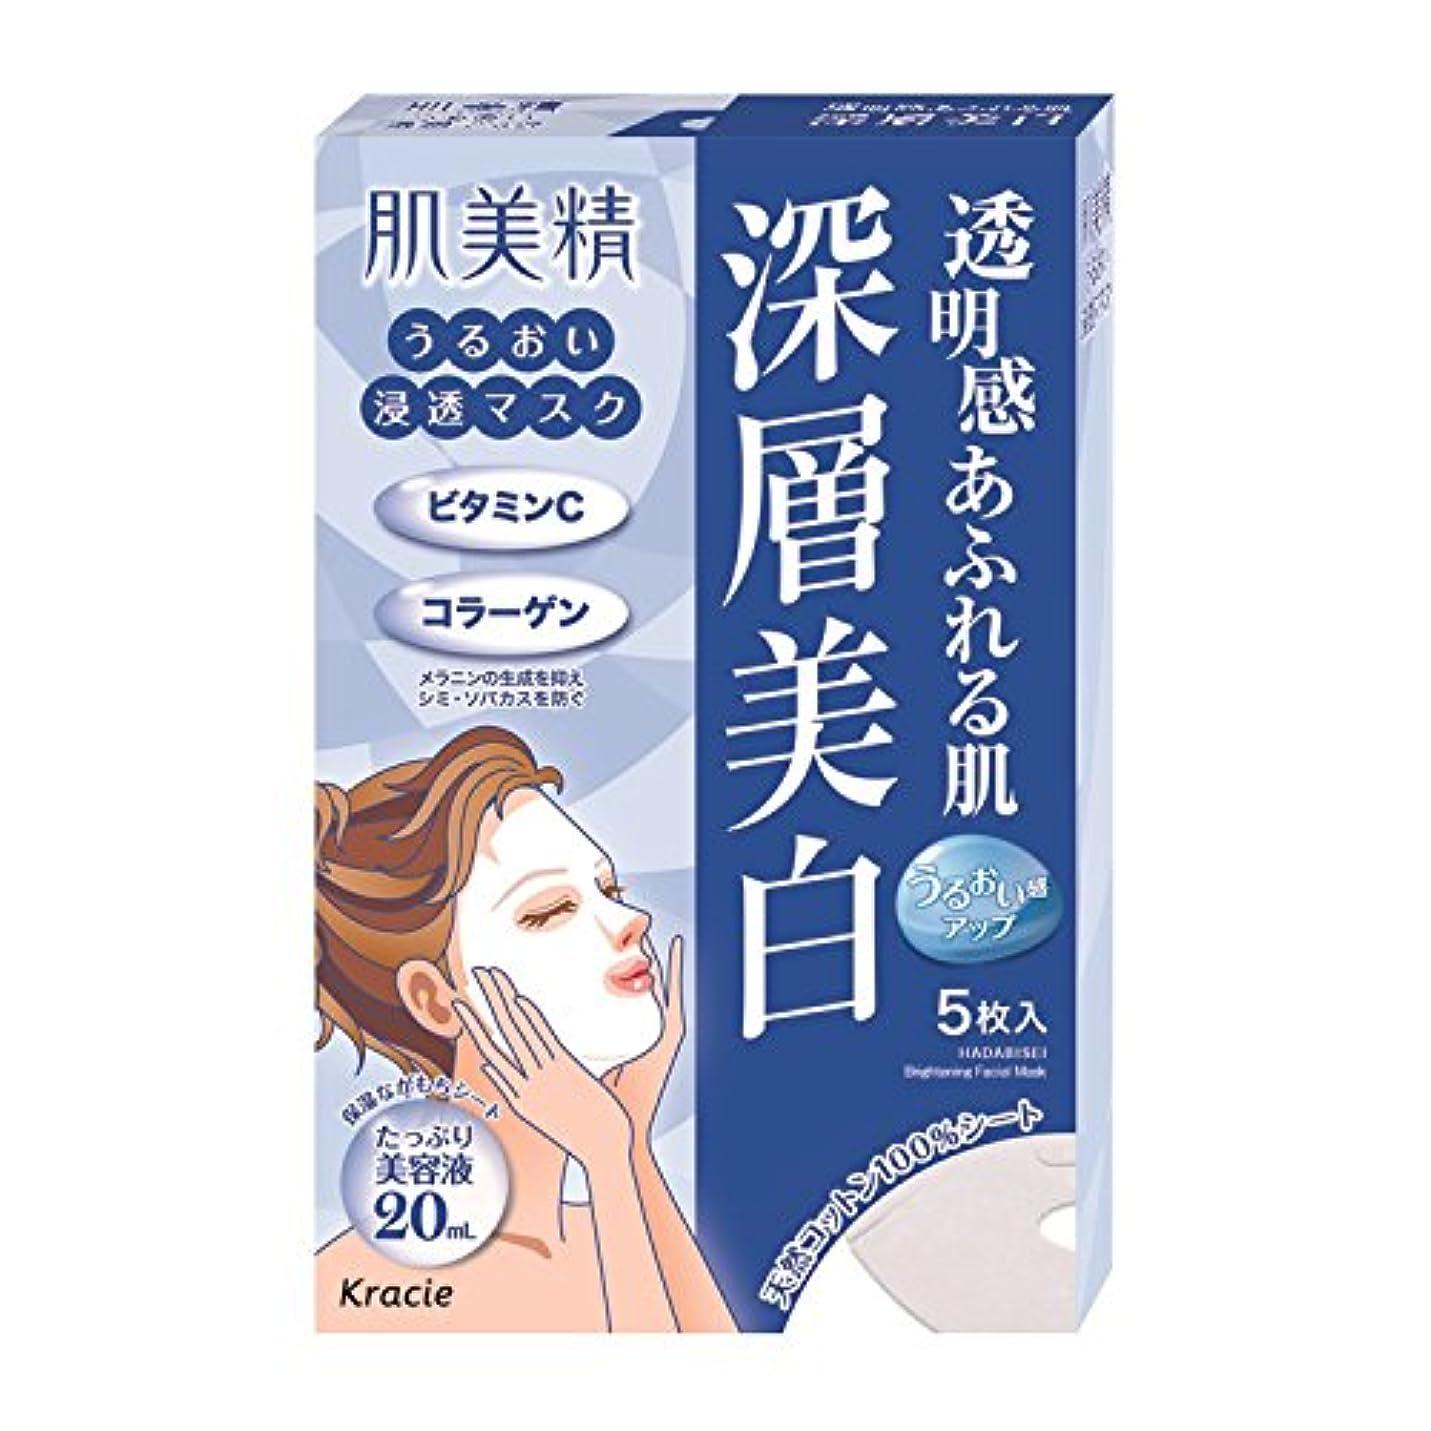 宿命工場ソーシャル【まとめ買い】肌美精 うるおい浸透マスク(深層美白タイプ)5枚入 ×2セット